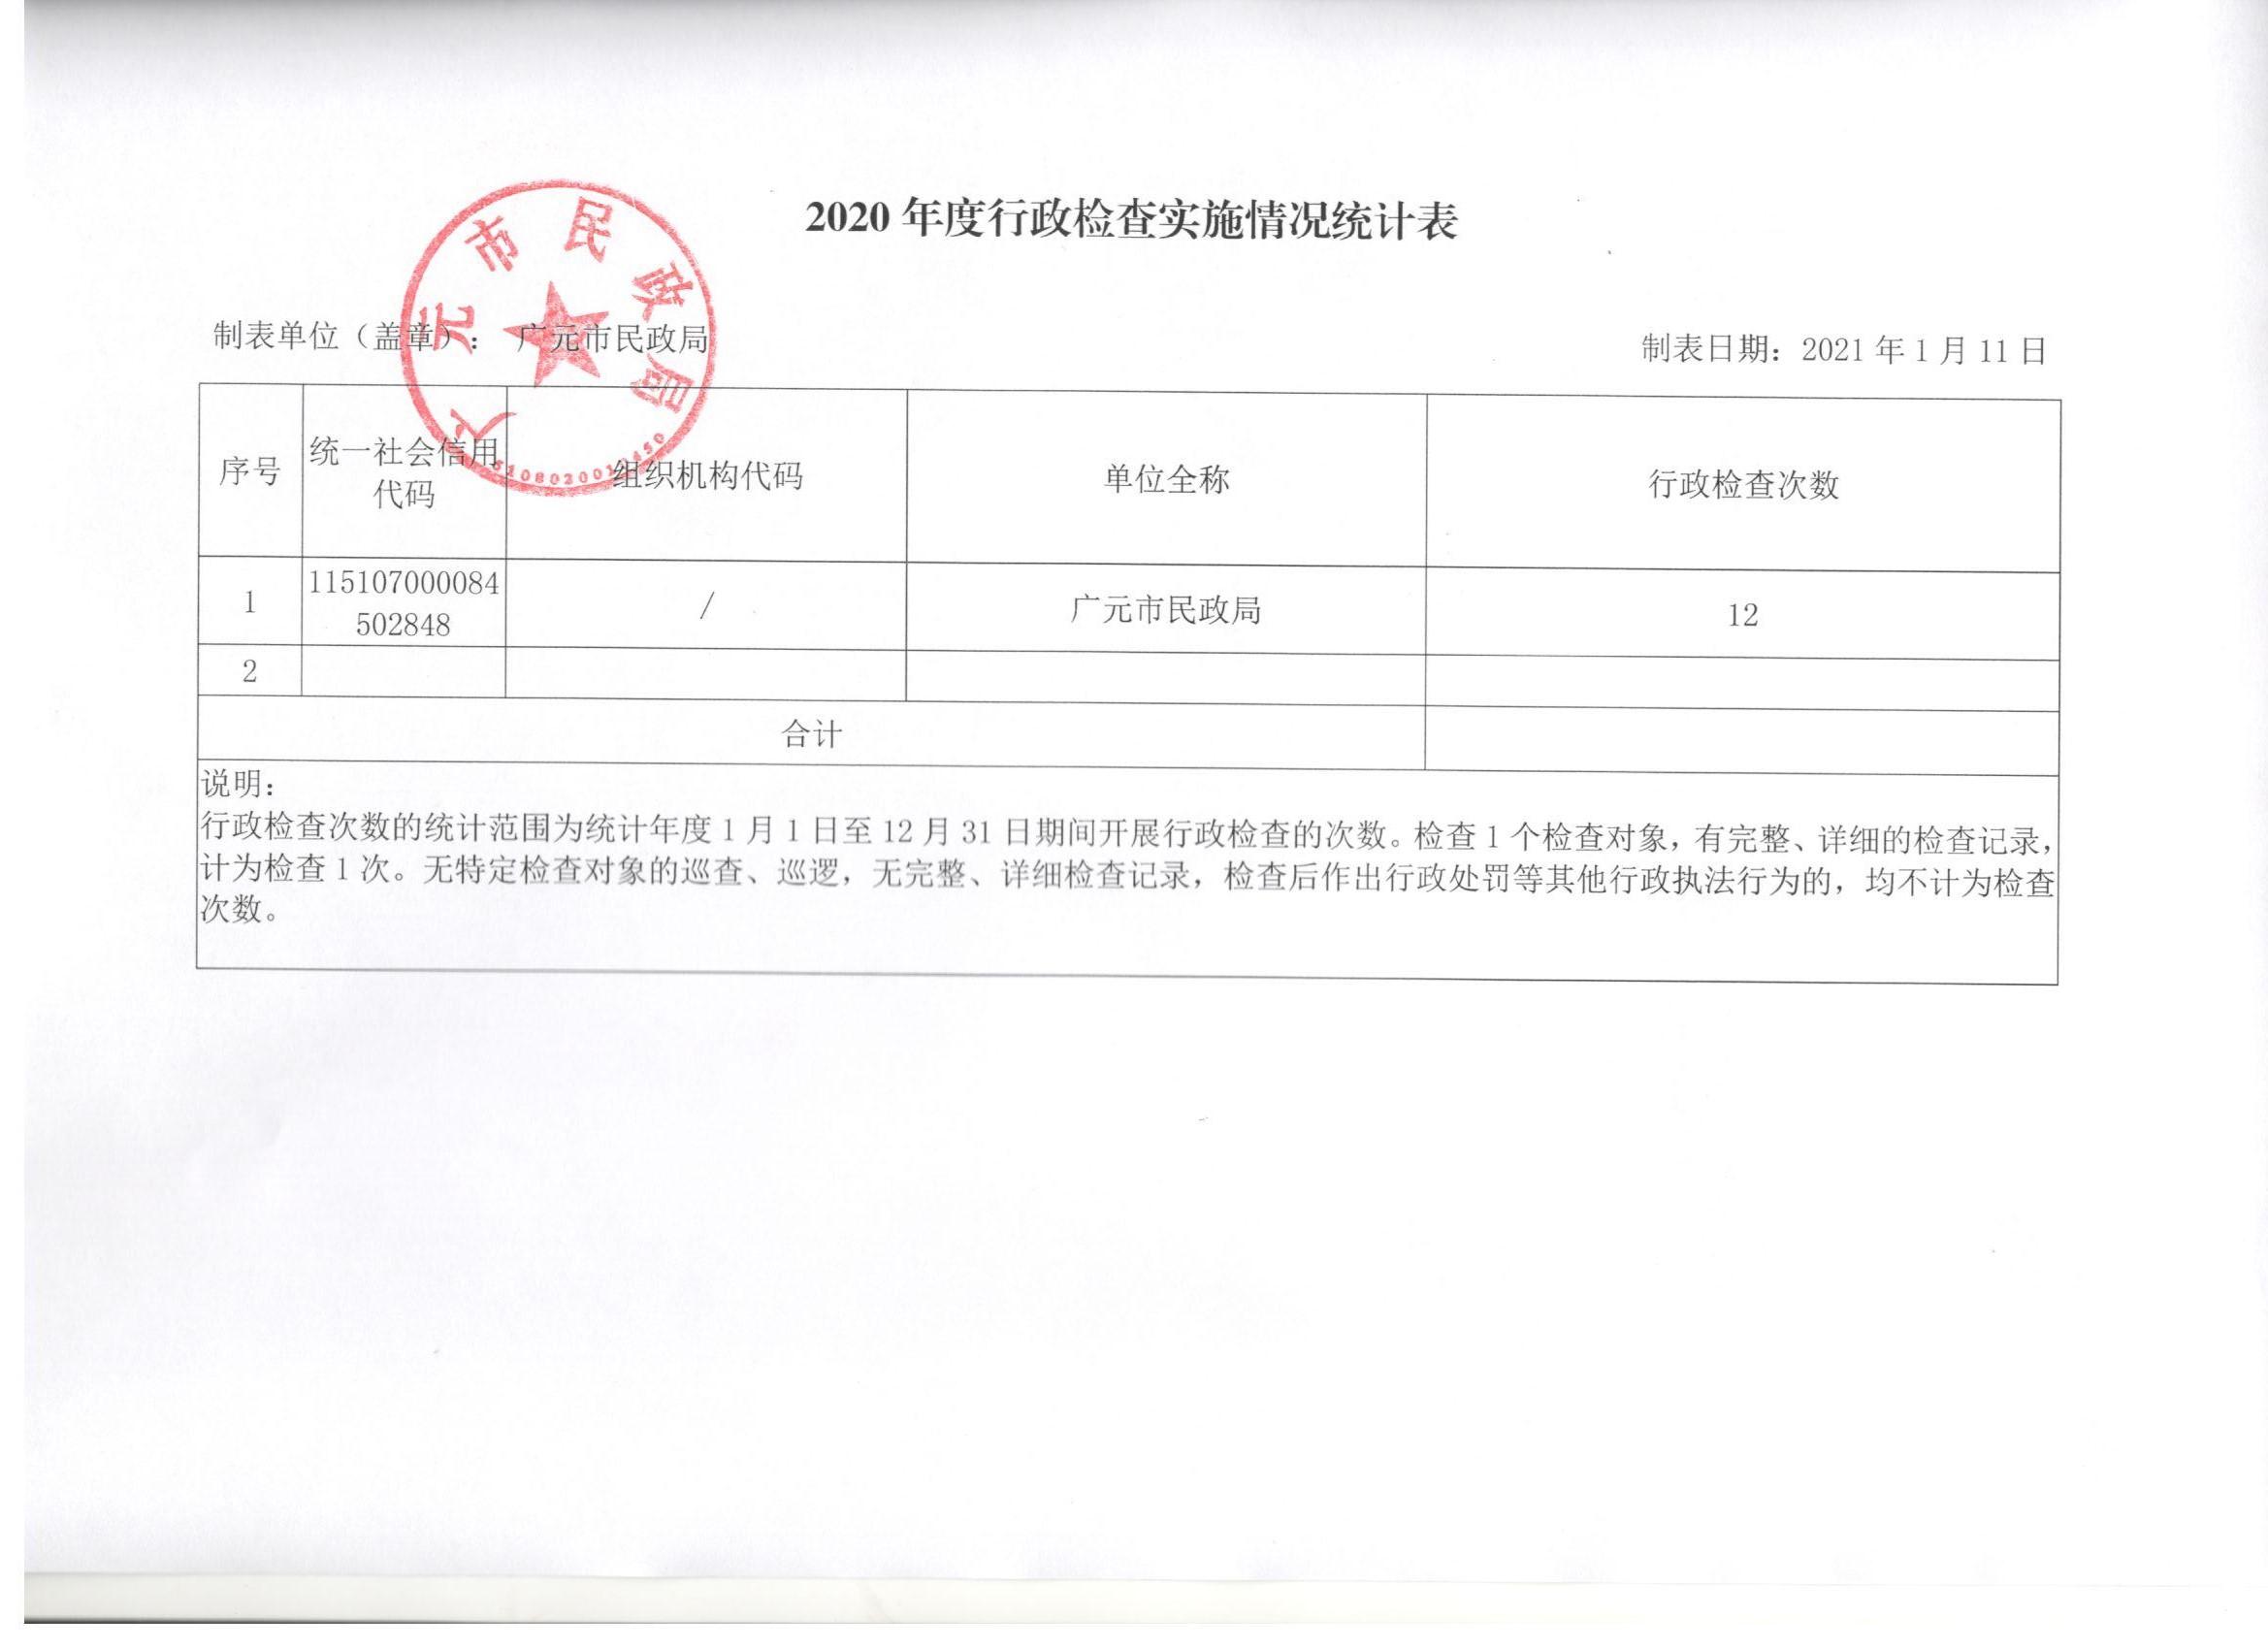 广安市广安区民政局_广元市民政局2020年行政执法公示-广元市民政局